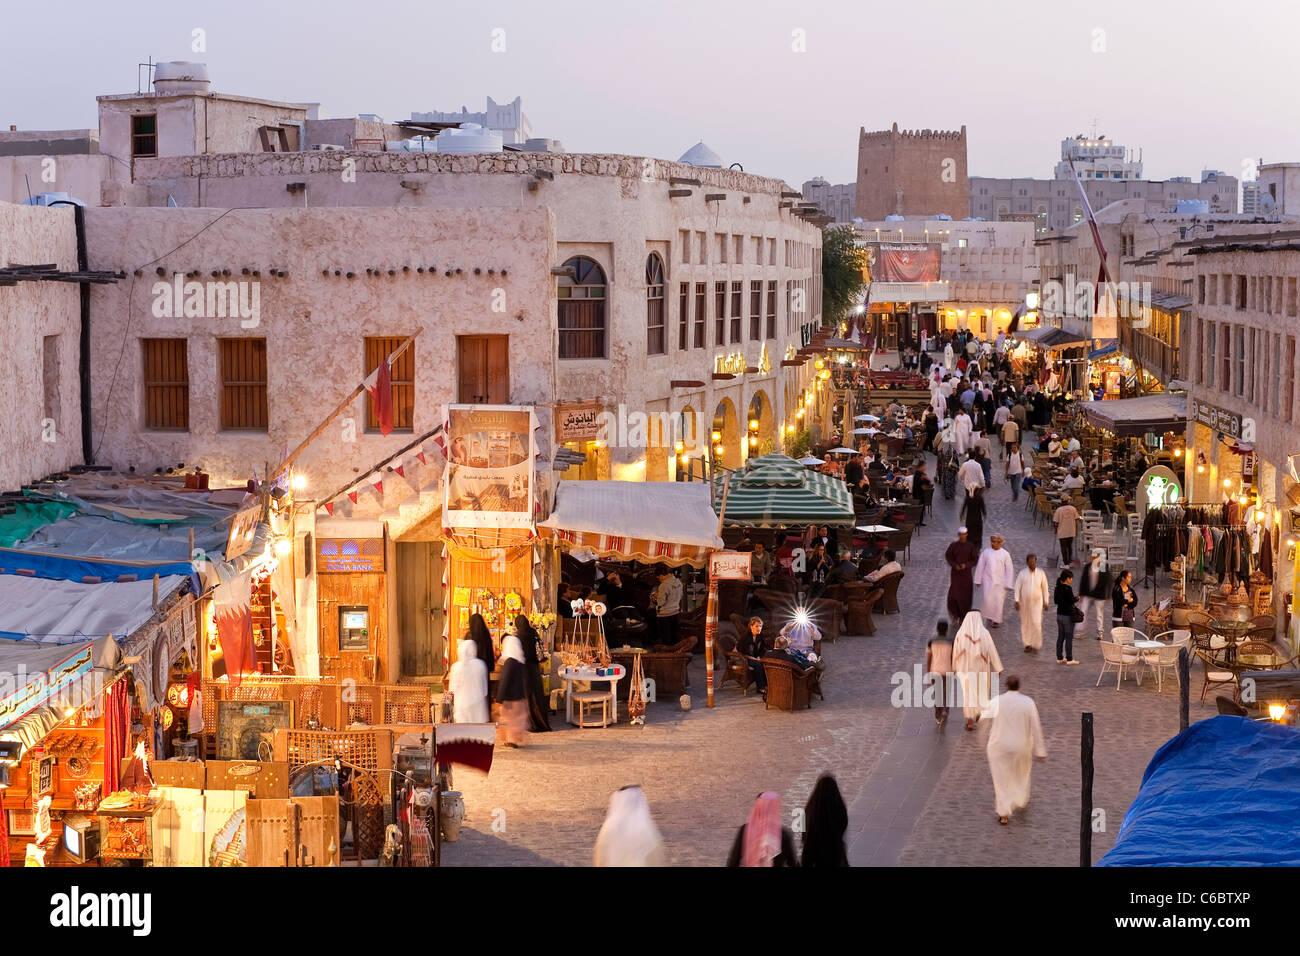 Qatar, en Oriente Medio, la Península Arábiga, Doha, el souq Waqif restaurado con barro prestados tiendas Imagen De Stock